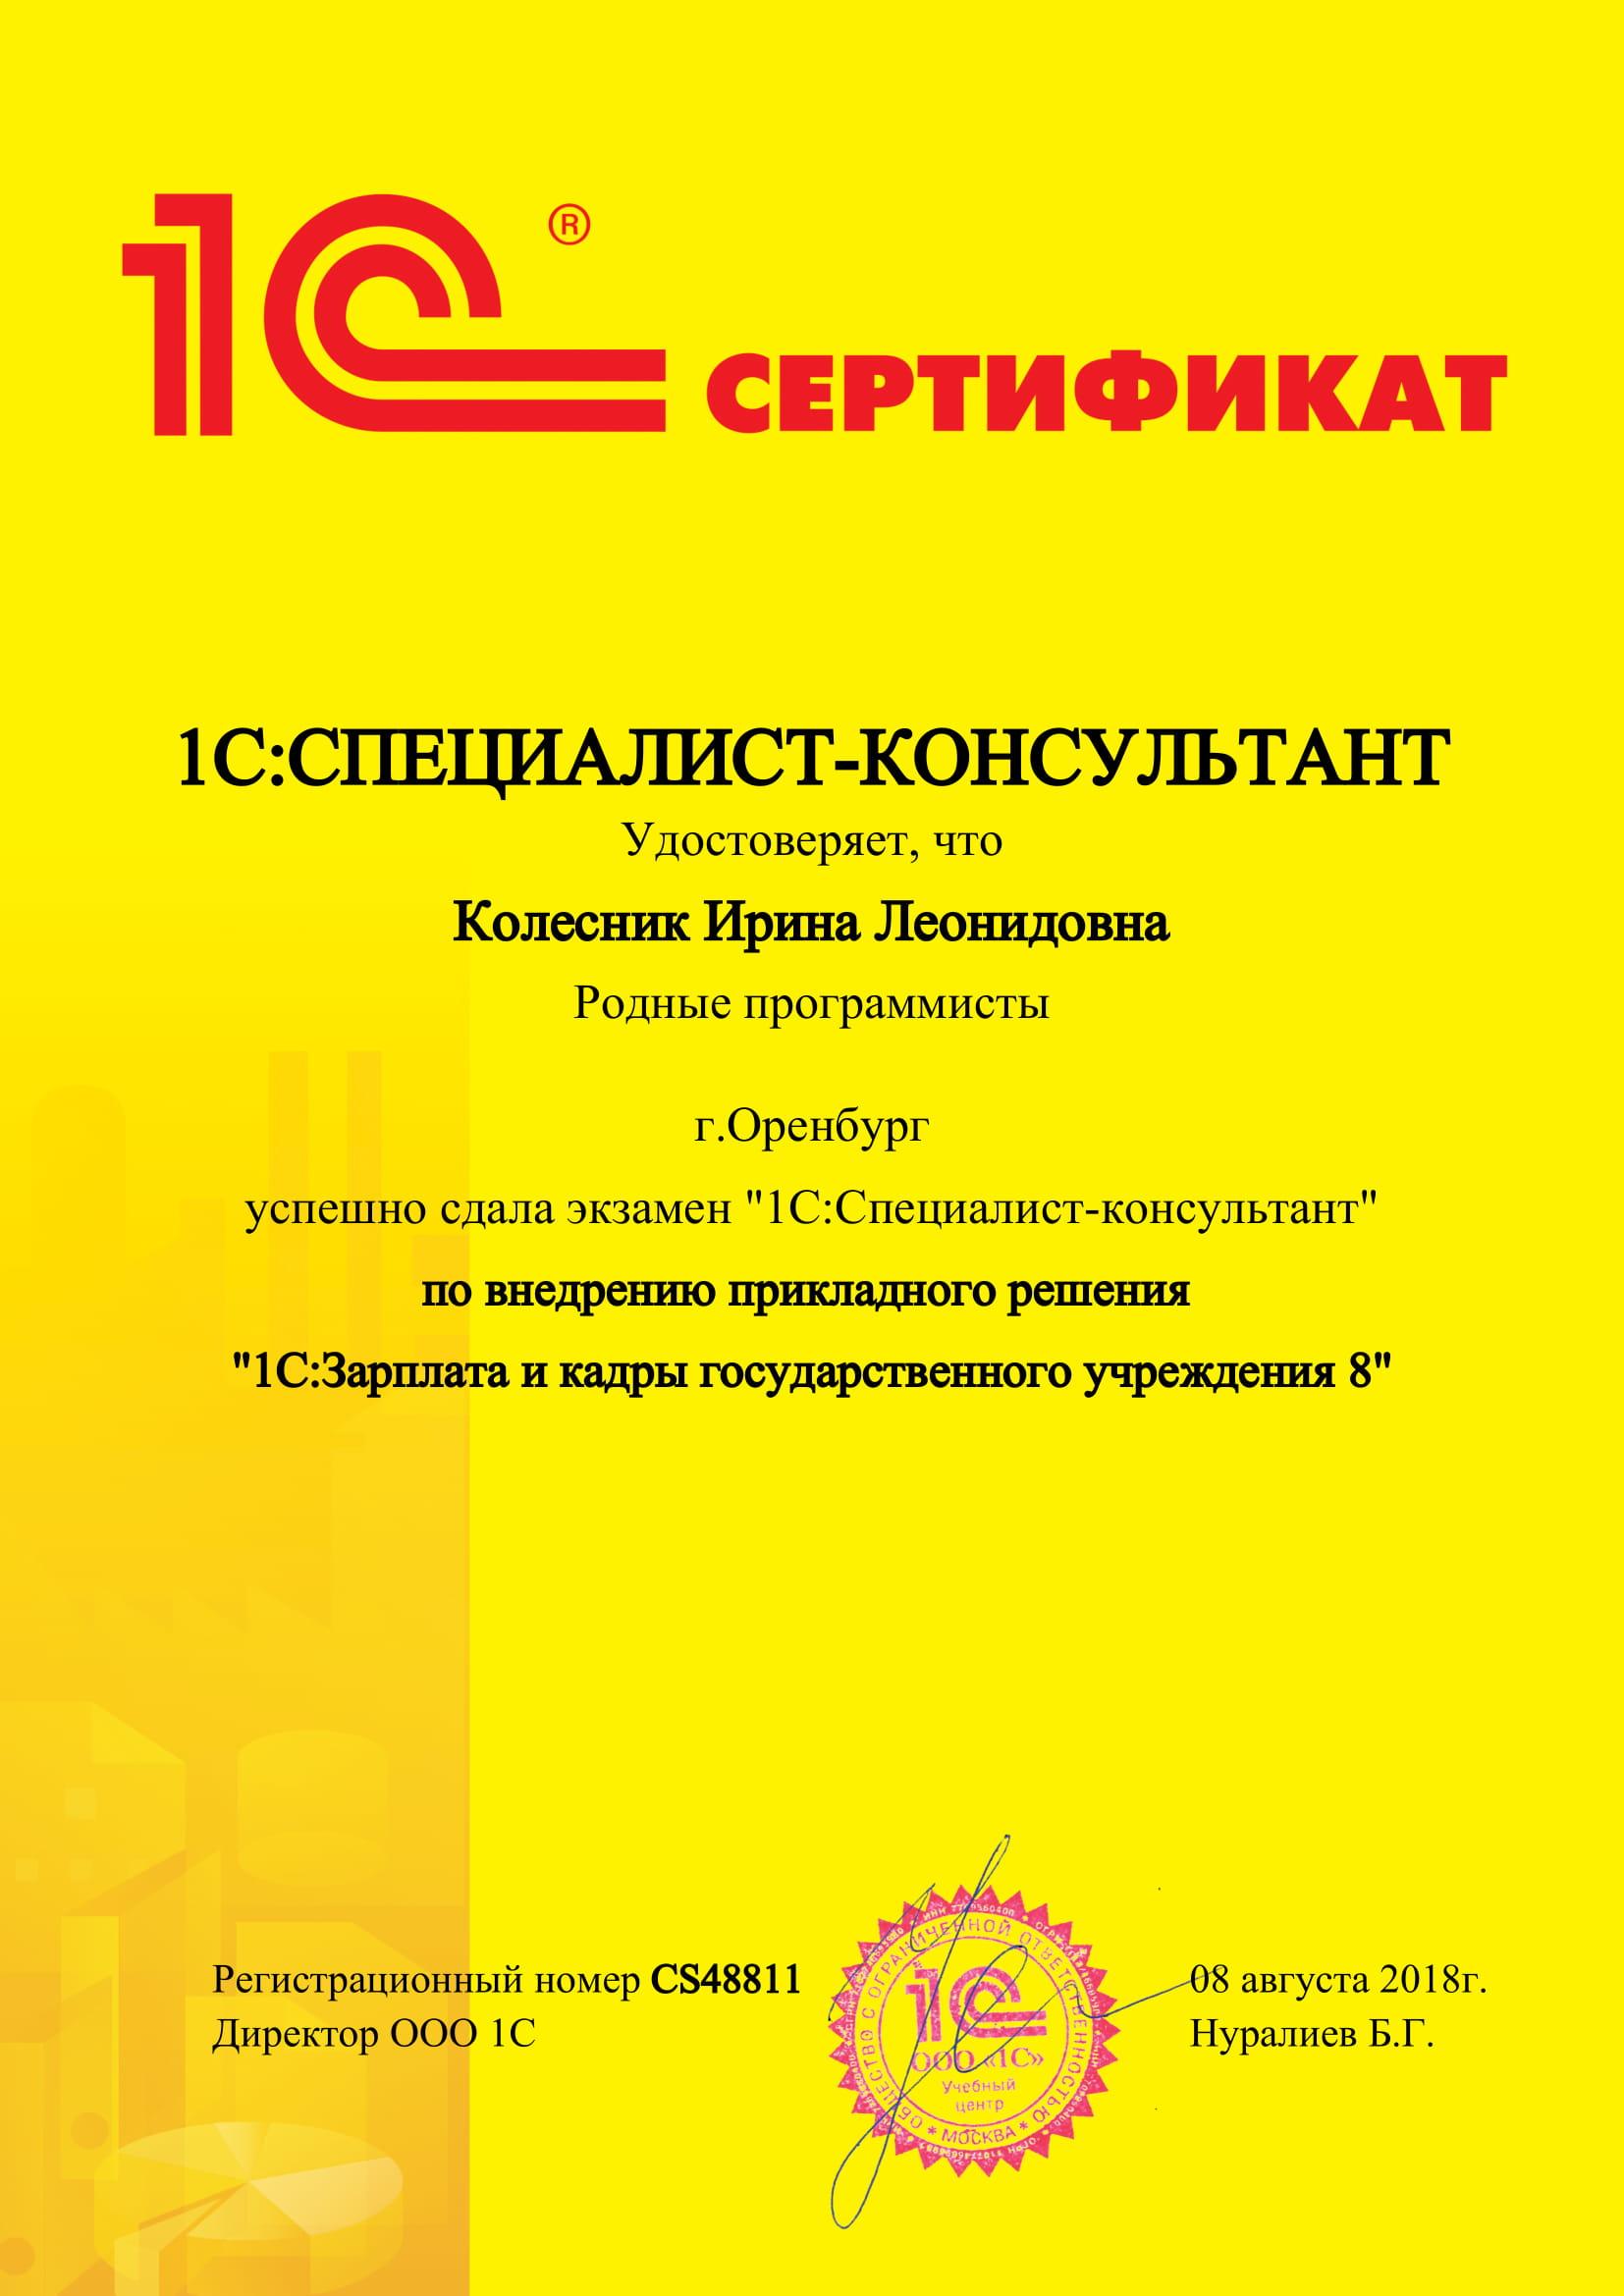 Колесник Ирина специалист консультант ЗКГУ-1